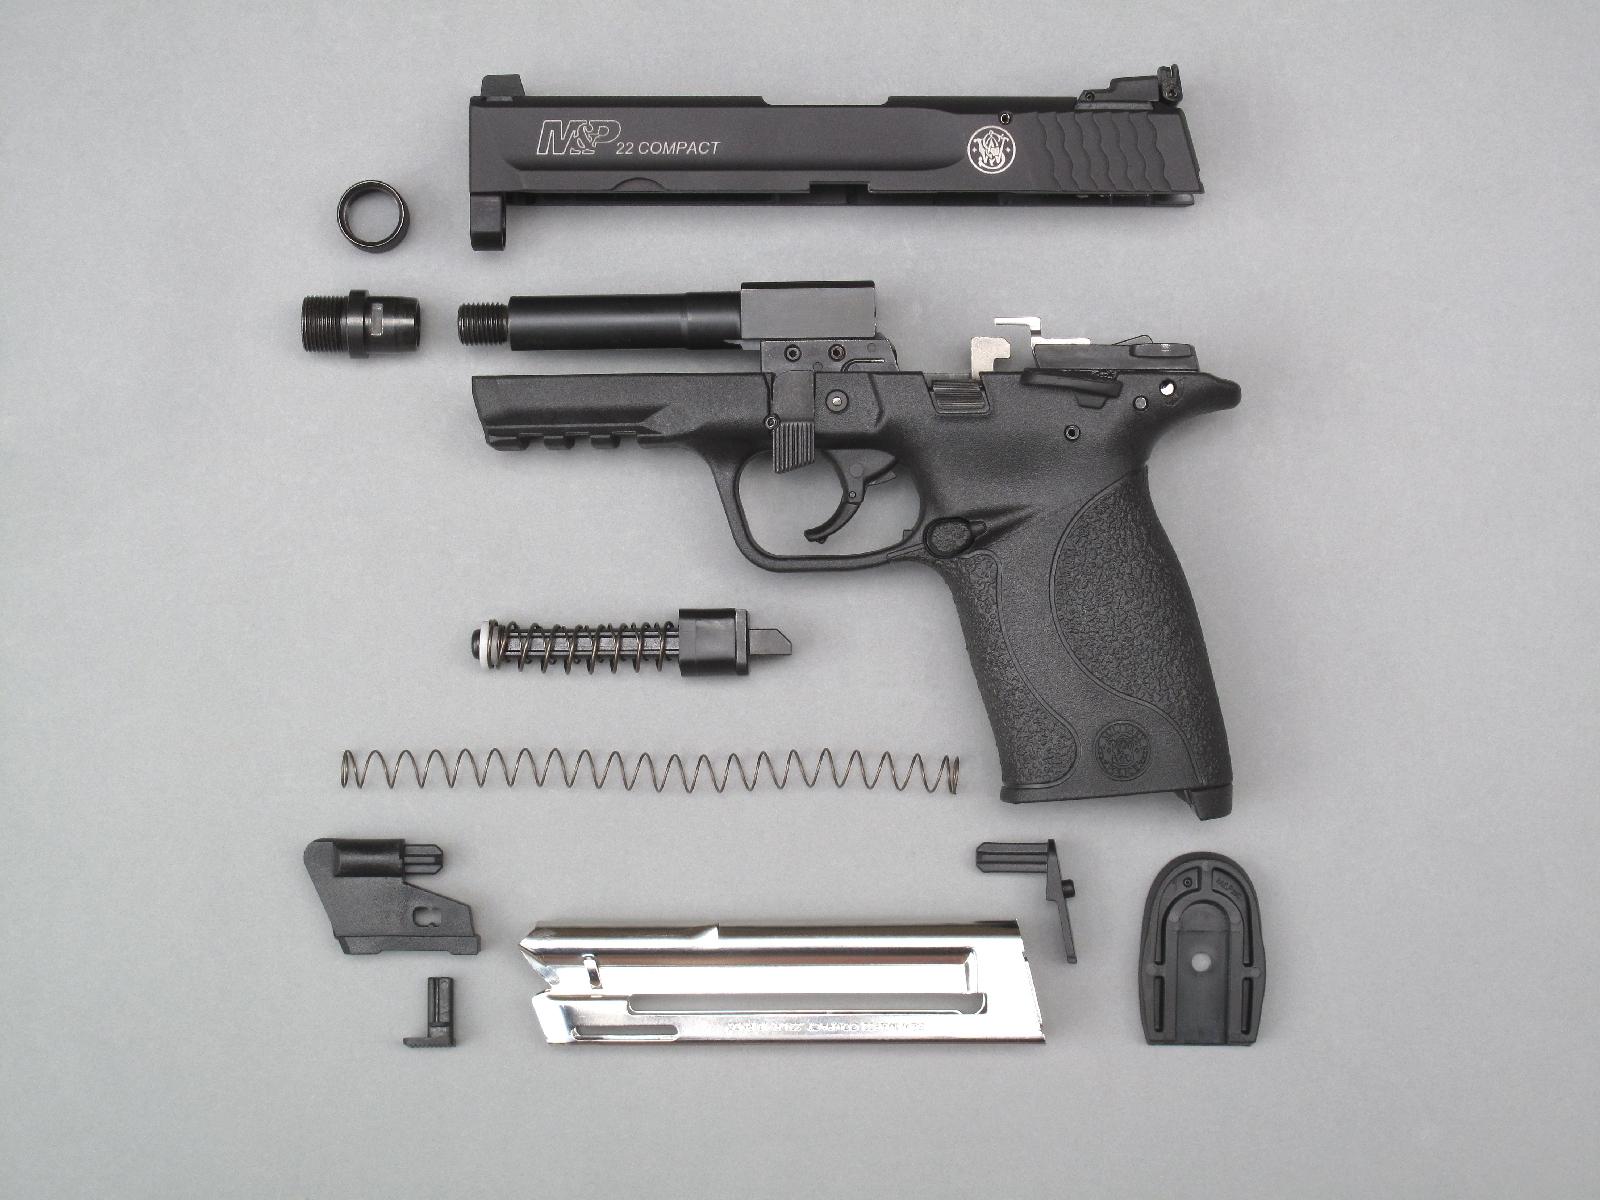 Le démontage sommaire de l'arme, afin d'en réaliser le nettoyage et la lubrification après la séance de tir, est grandement facilité par la présence d'un levier imperdable, qu'il suffit de basculer à quatre-vingt dix degrés vers le bas pour libérer la glissière.